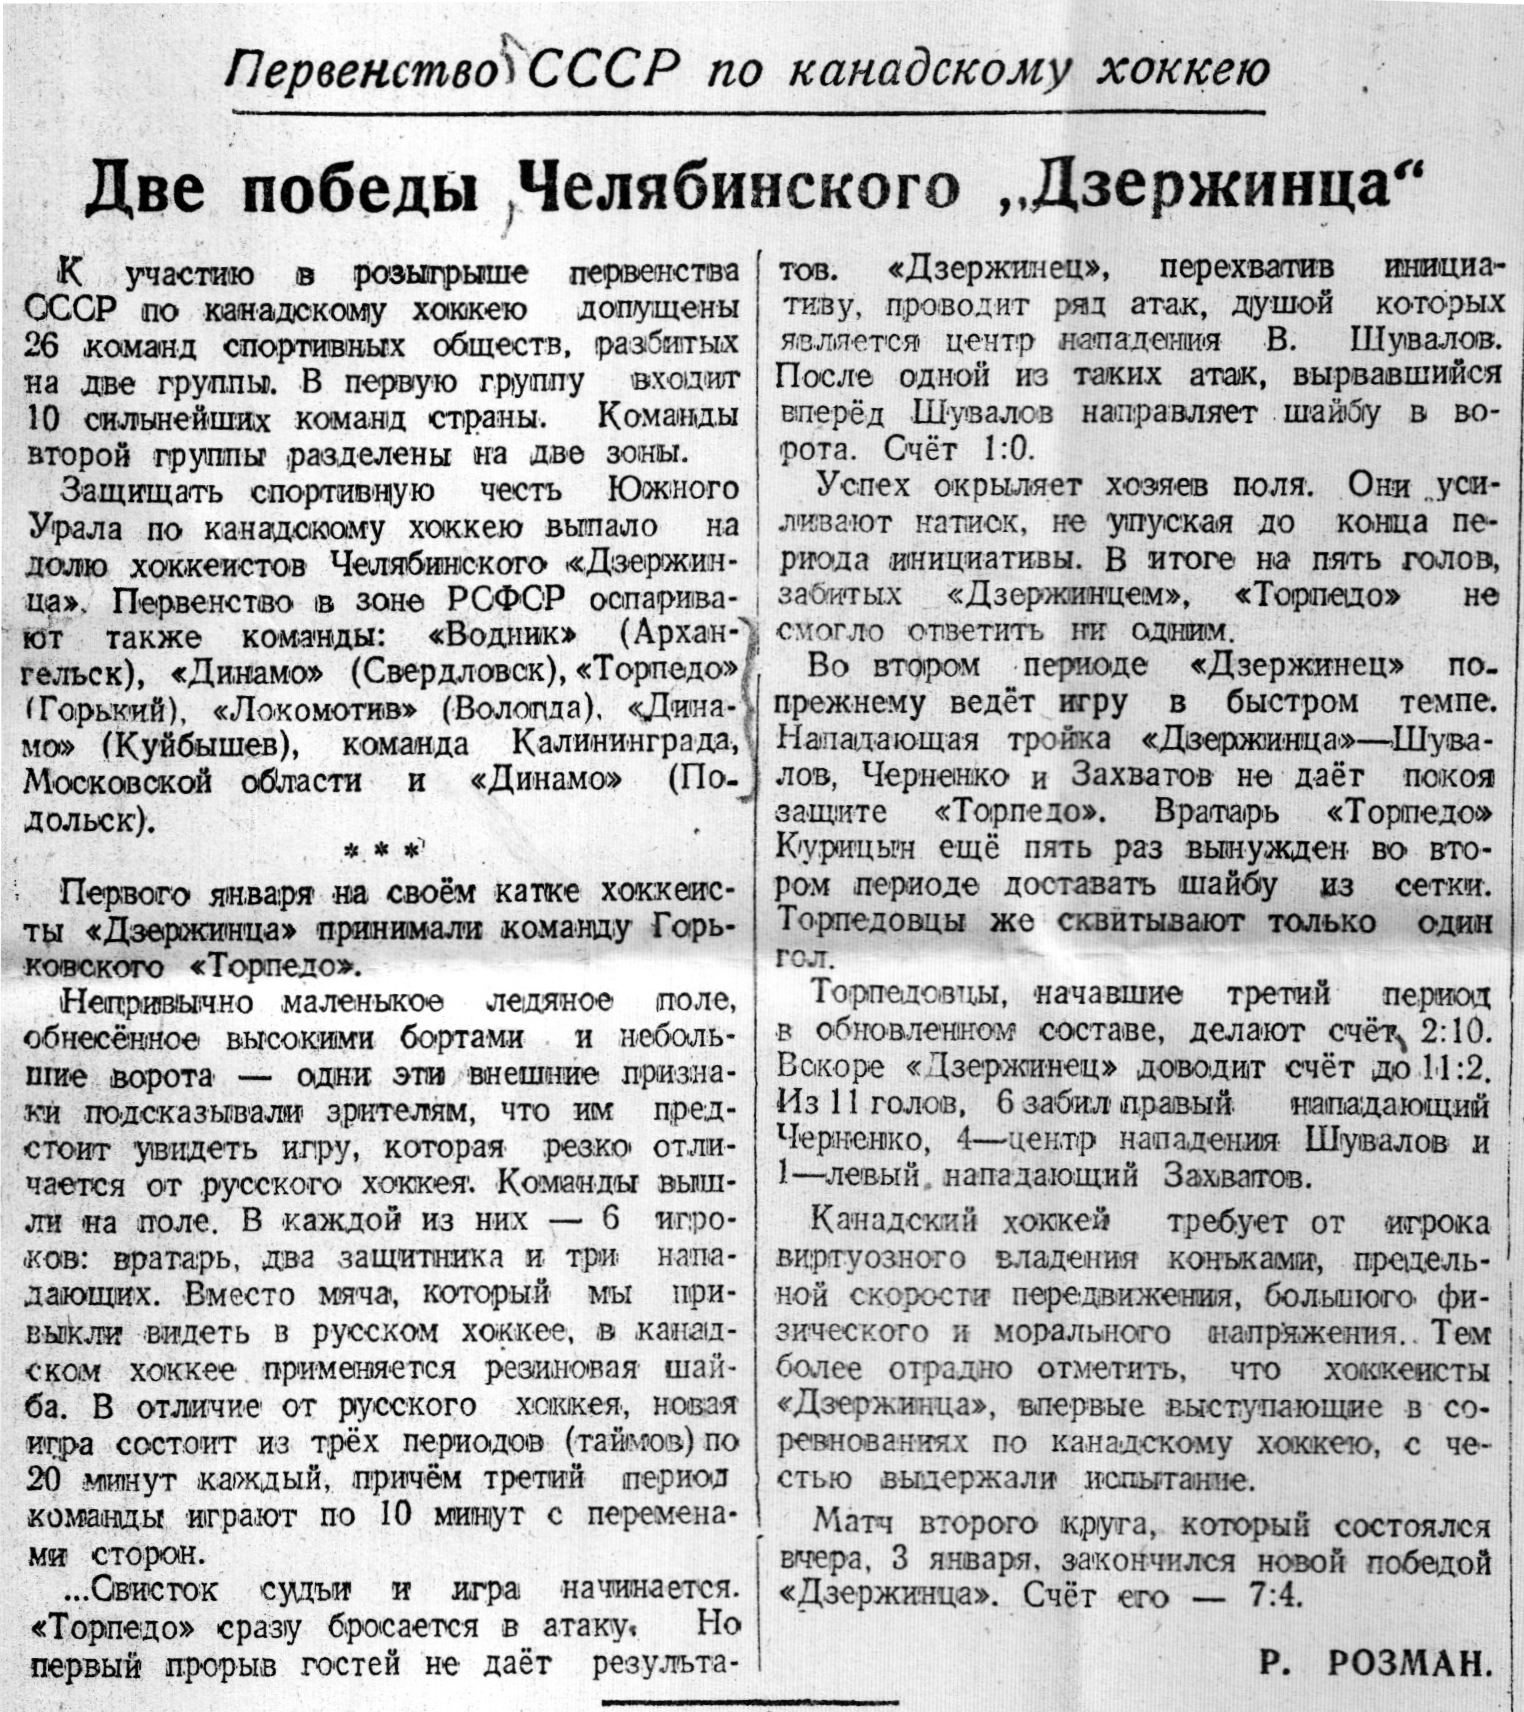 Челябинский рабочий № 3 (8481) от 4 января 1948 года две победы Дзержинца.jpg